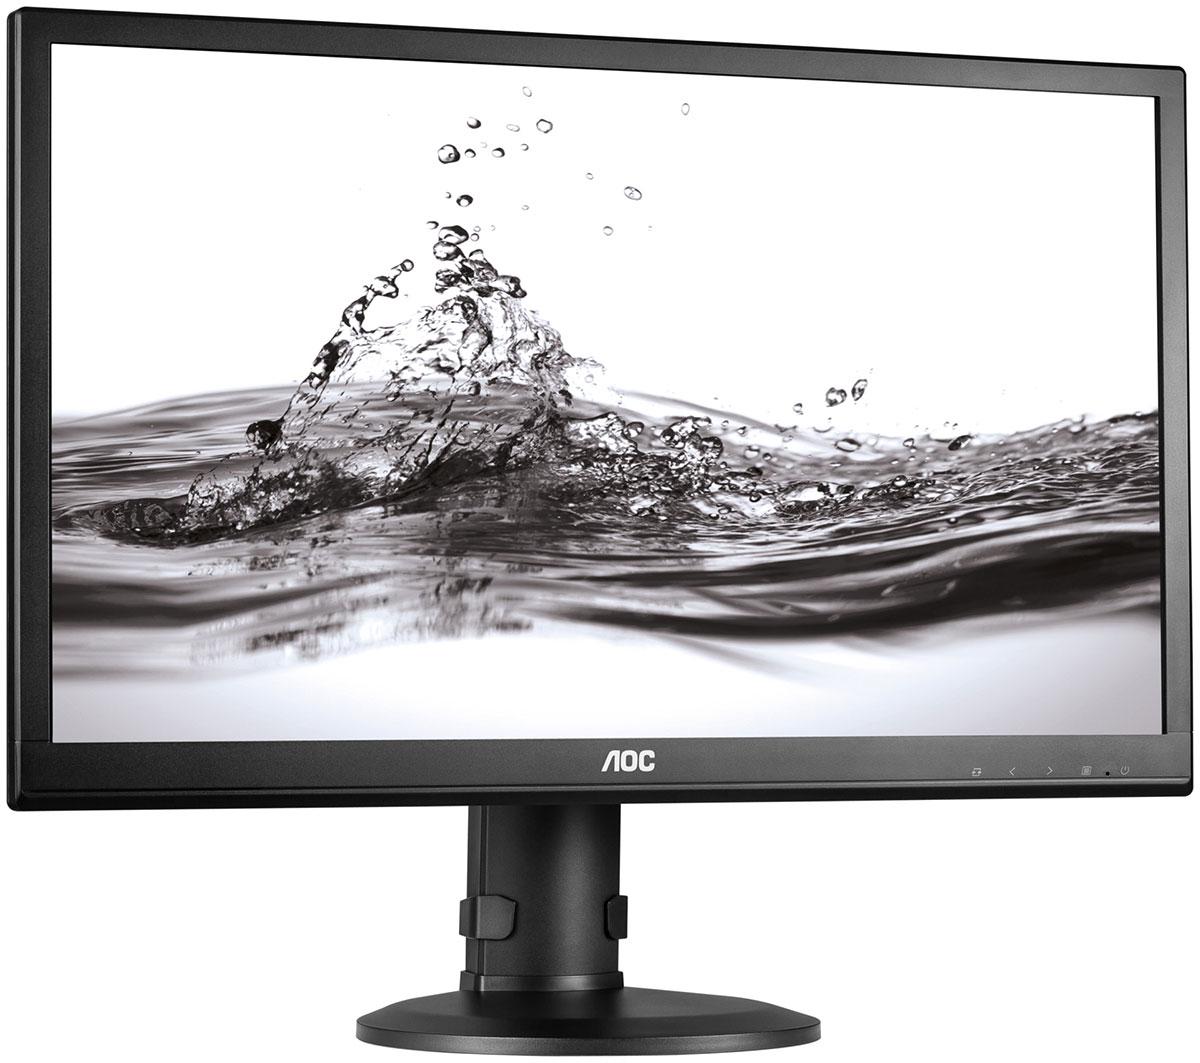 AOC u2868Pqu: 28-Zoll UHD-Monitor mit 60 Hz und 1ms Reaktionszeit